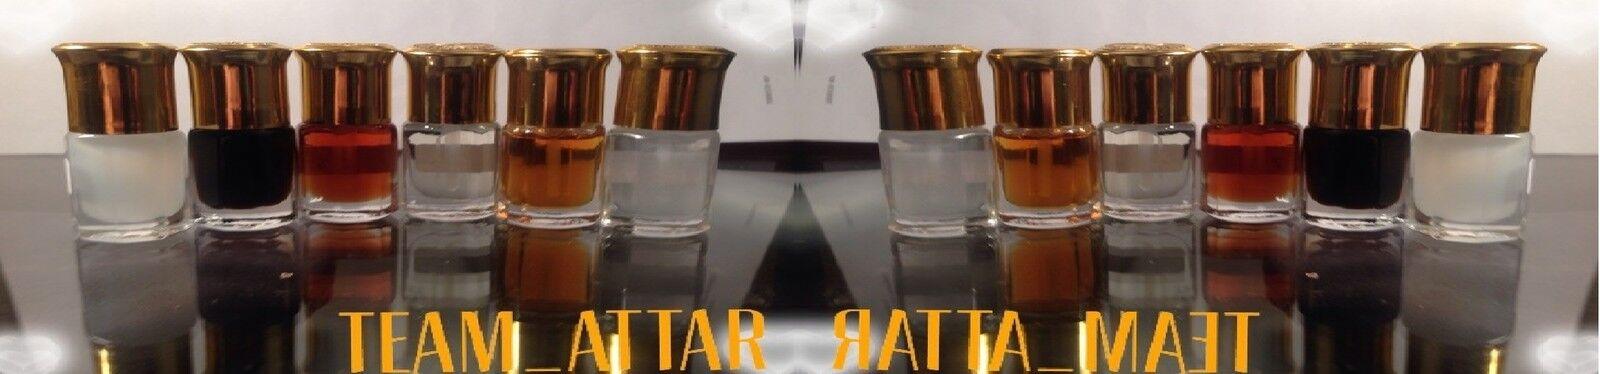 Team_Attar